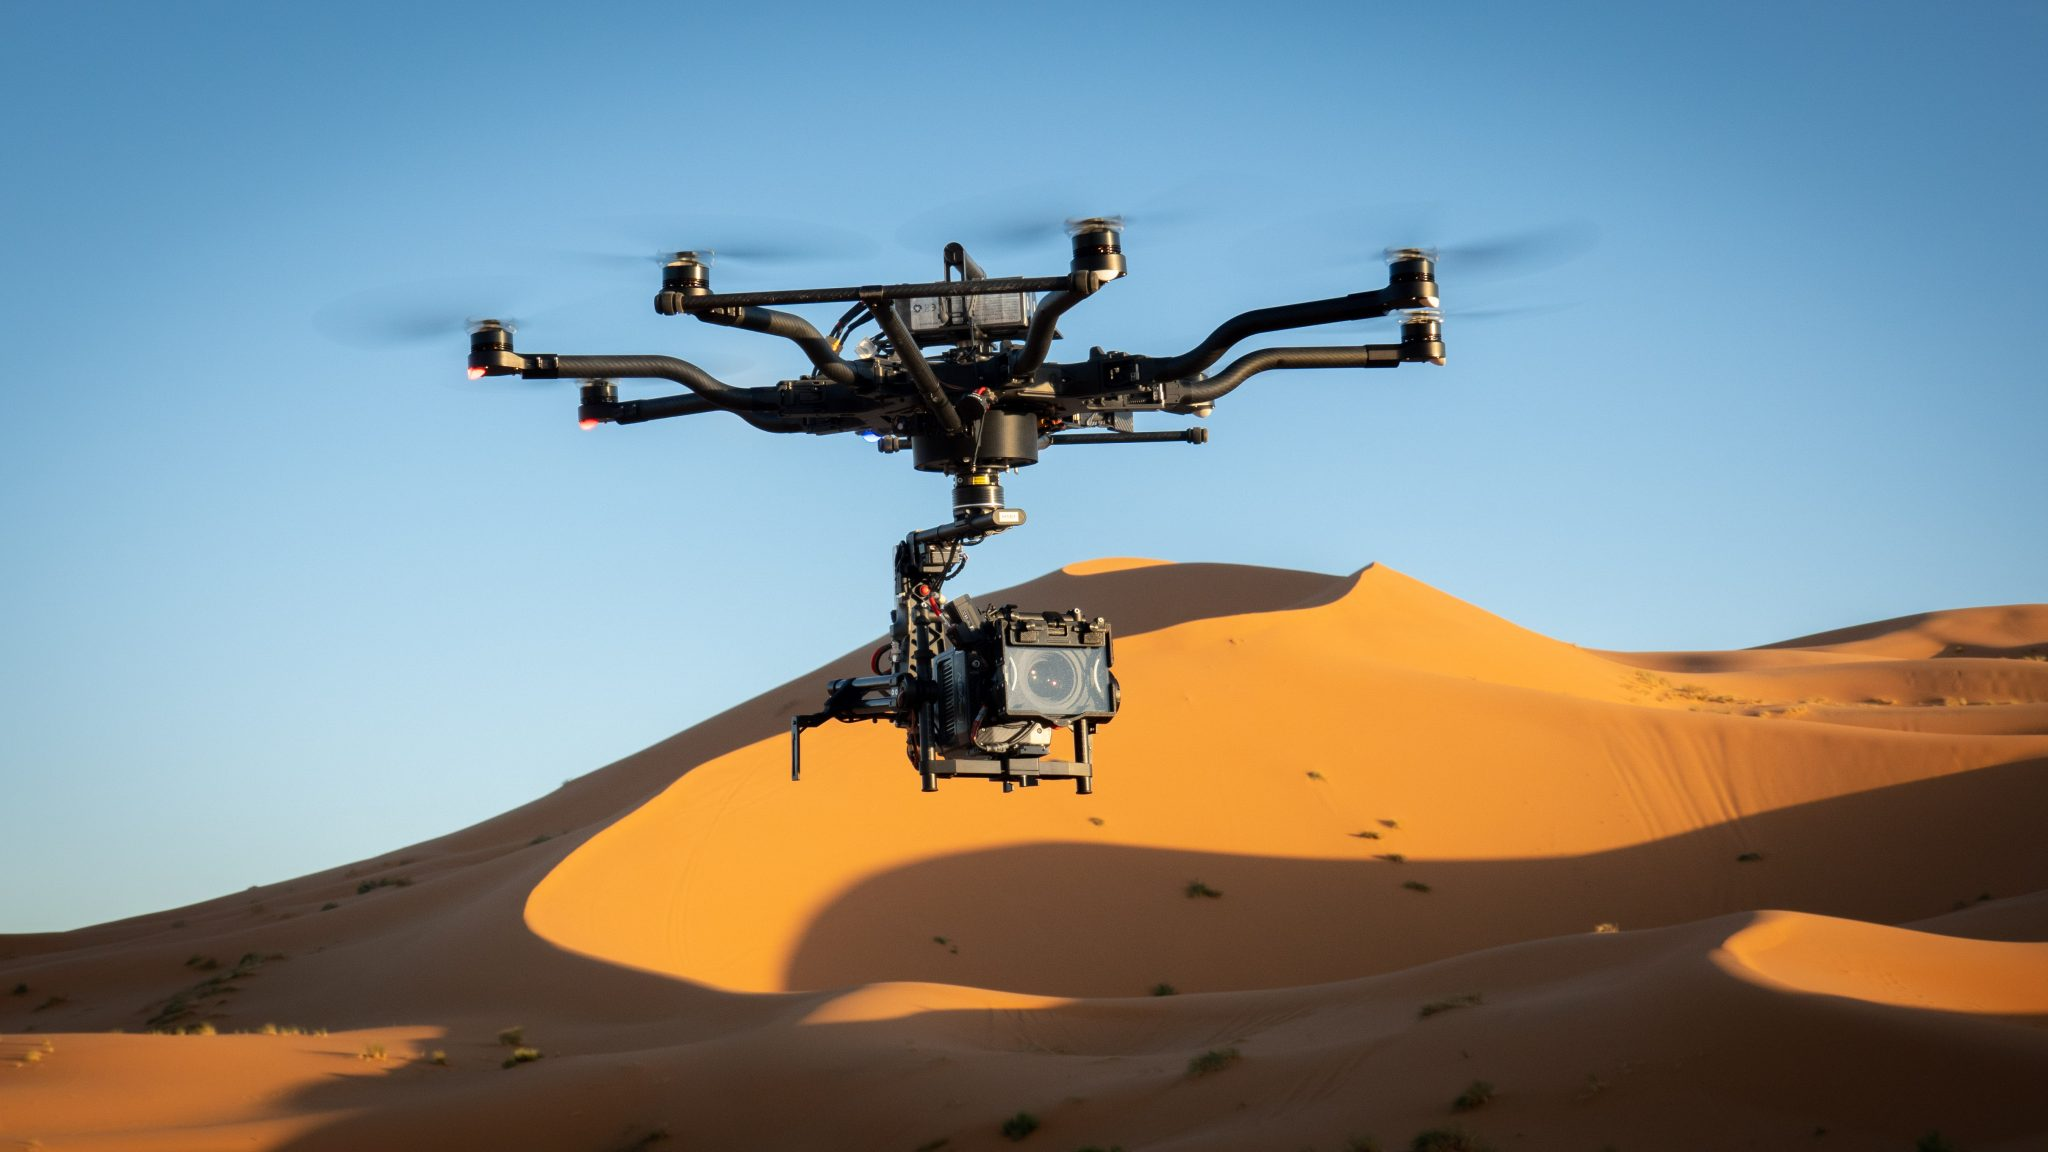 Difficile d'échapper à la vigilance des drones, surtout en zone déserte